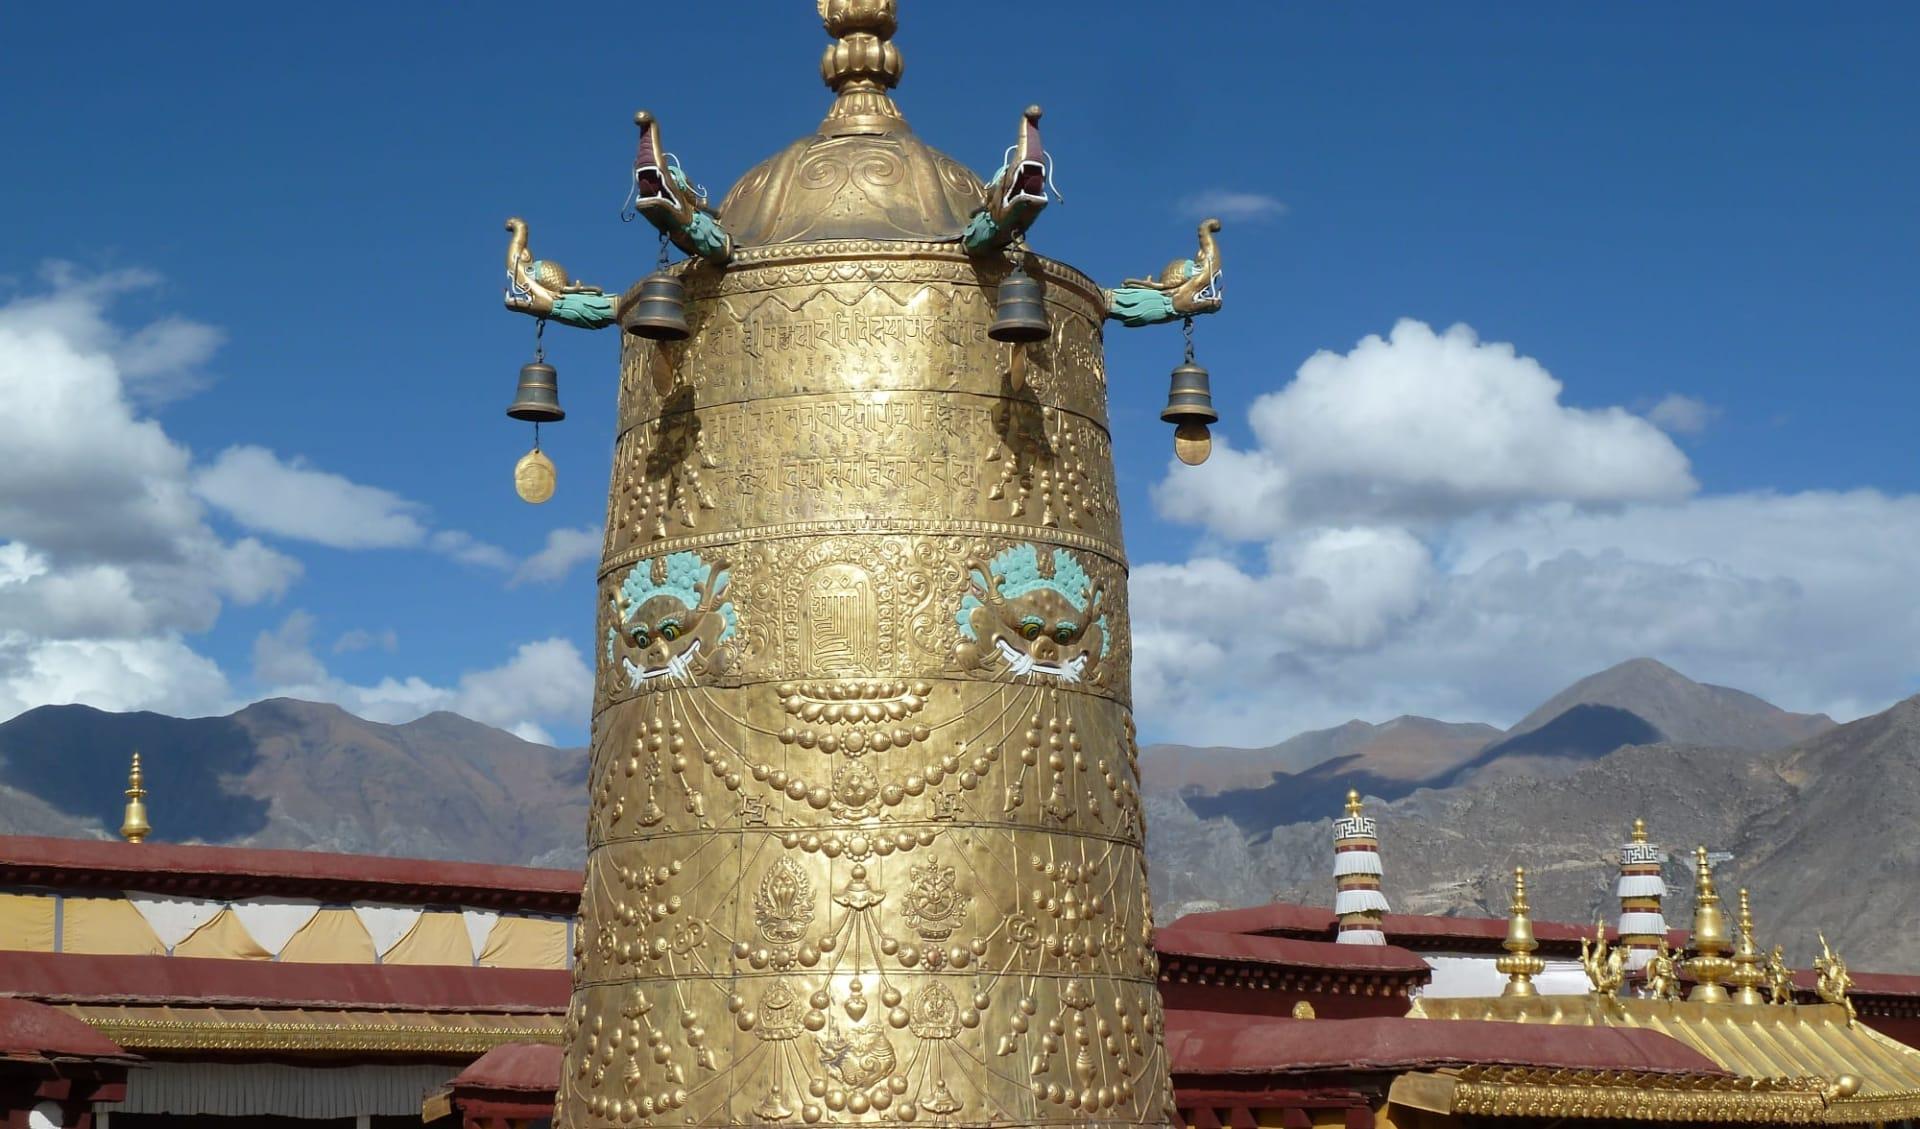 Gruppenreise über das Dach der Welt ab Shanghai: Lhasa